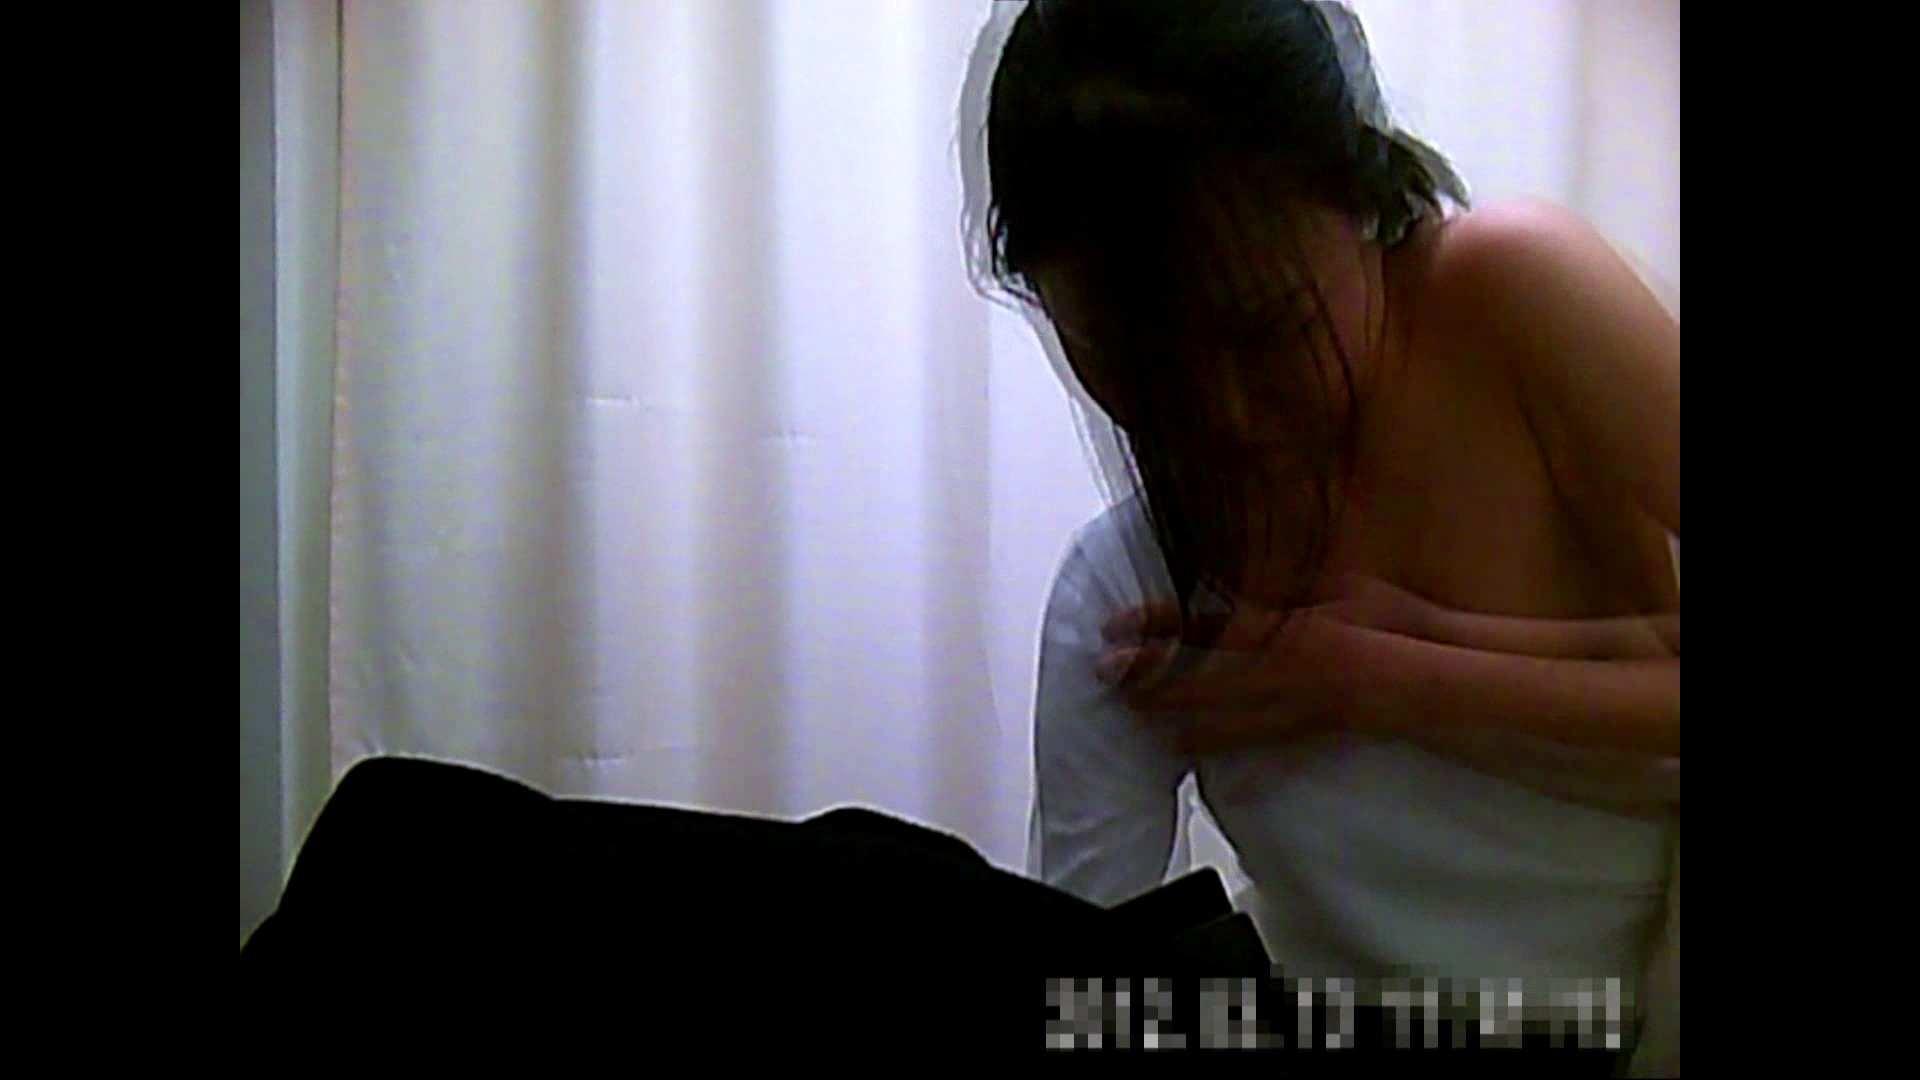 元医者による反抗 更衣室地獄絵巻 vol.028 アラ30 AV動画キャプチャ 105枚 87